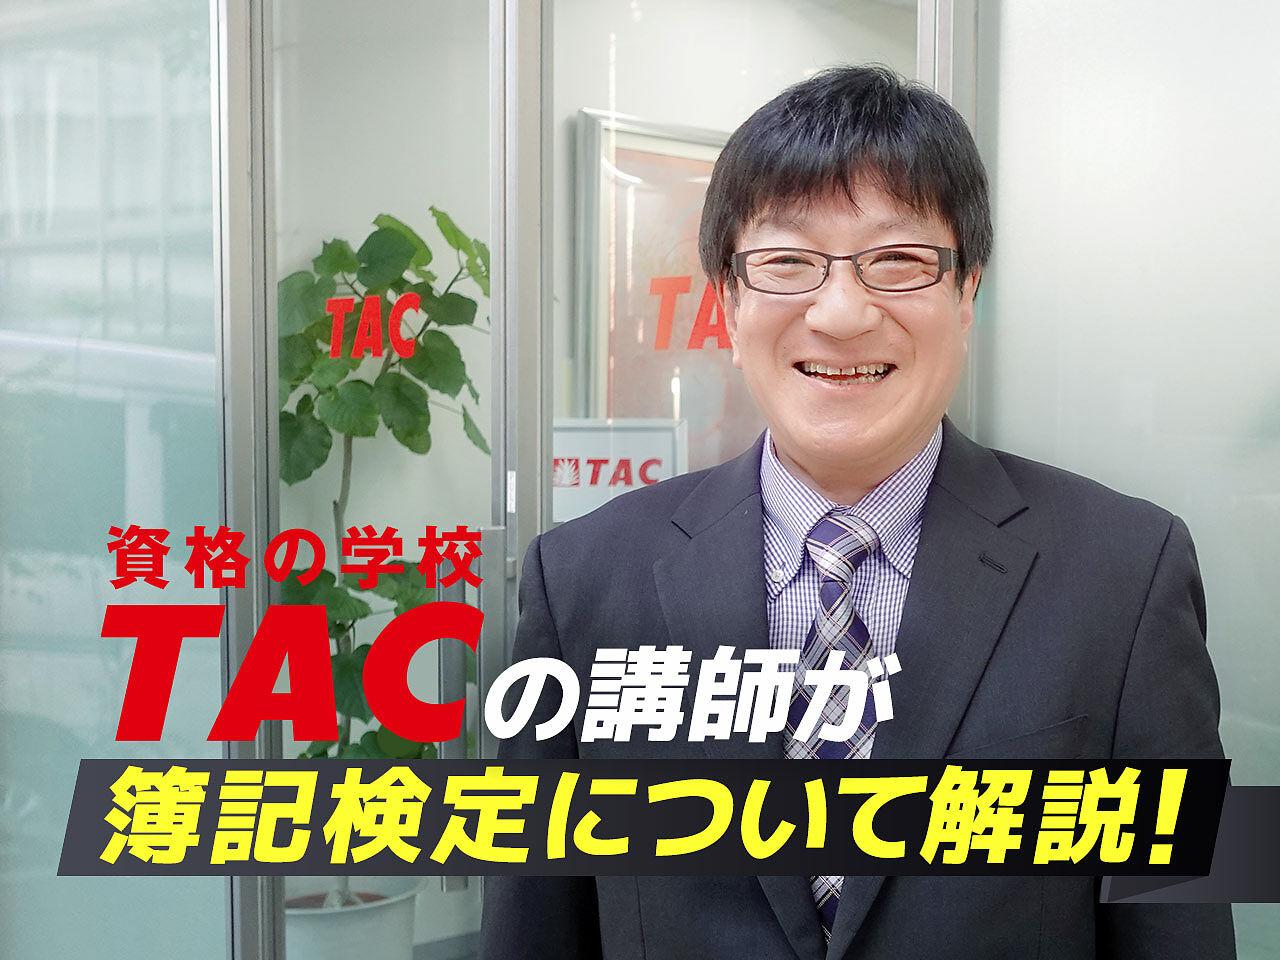 企業で役立つ会計知識!簿記の資格について「資格の学校TAC」の講師にインタビューの画像